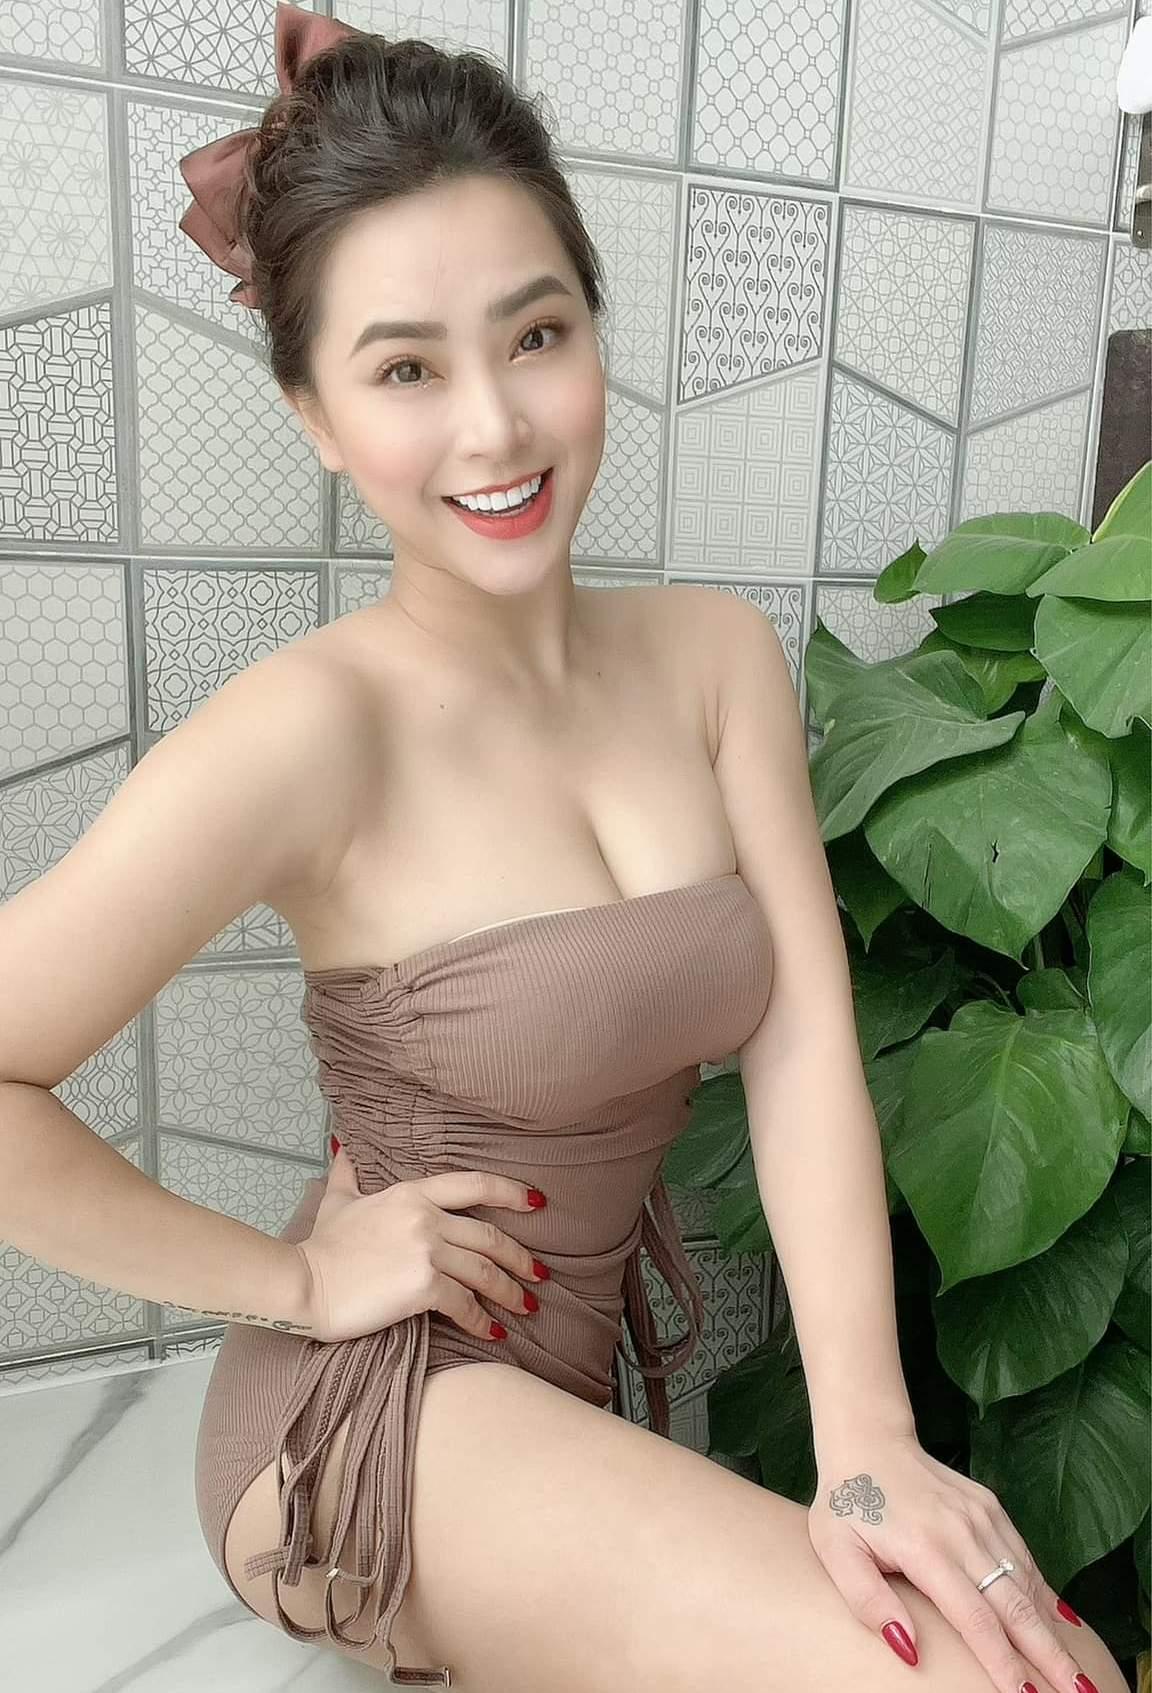 15 1625730685 12 width1152height1693 Thời trang bán hàng online mùa dịch của sao Việt bị chê phản cảm, khoe thân